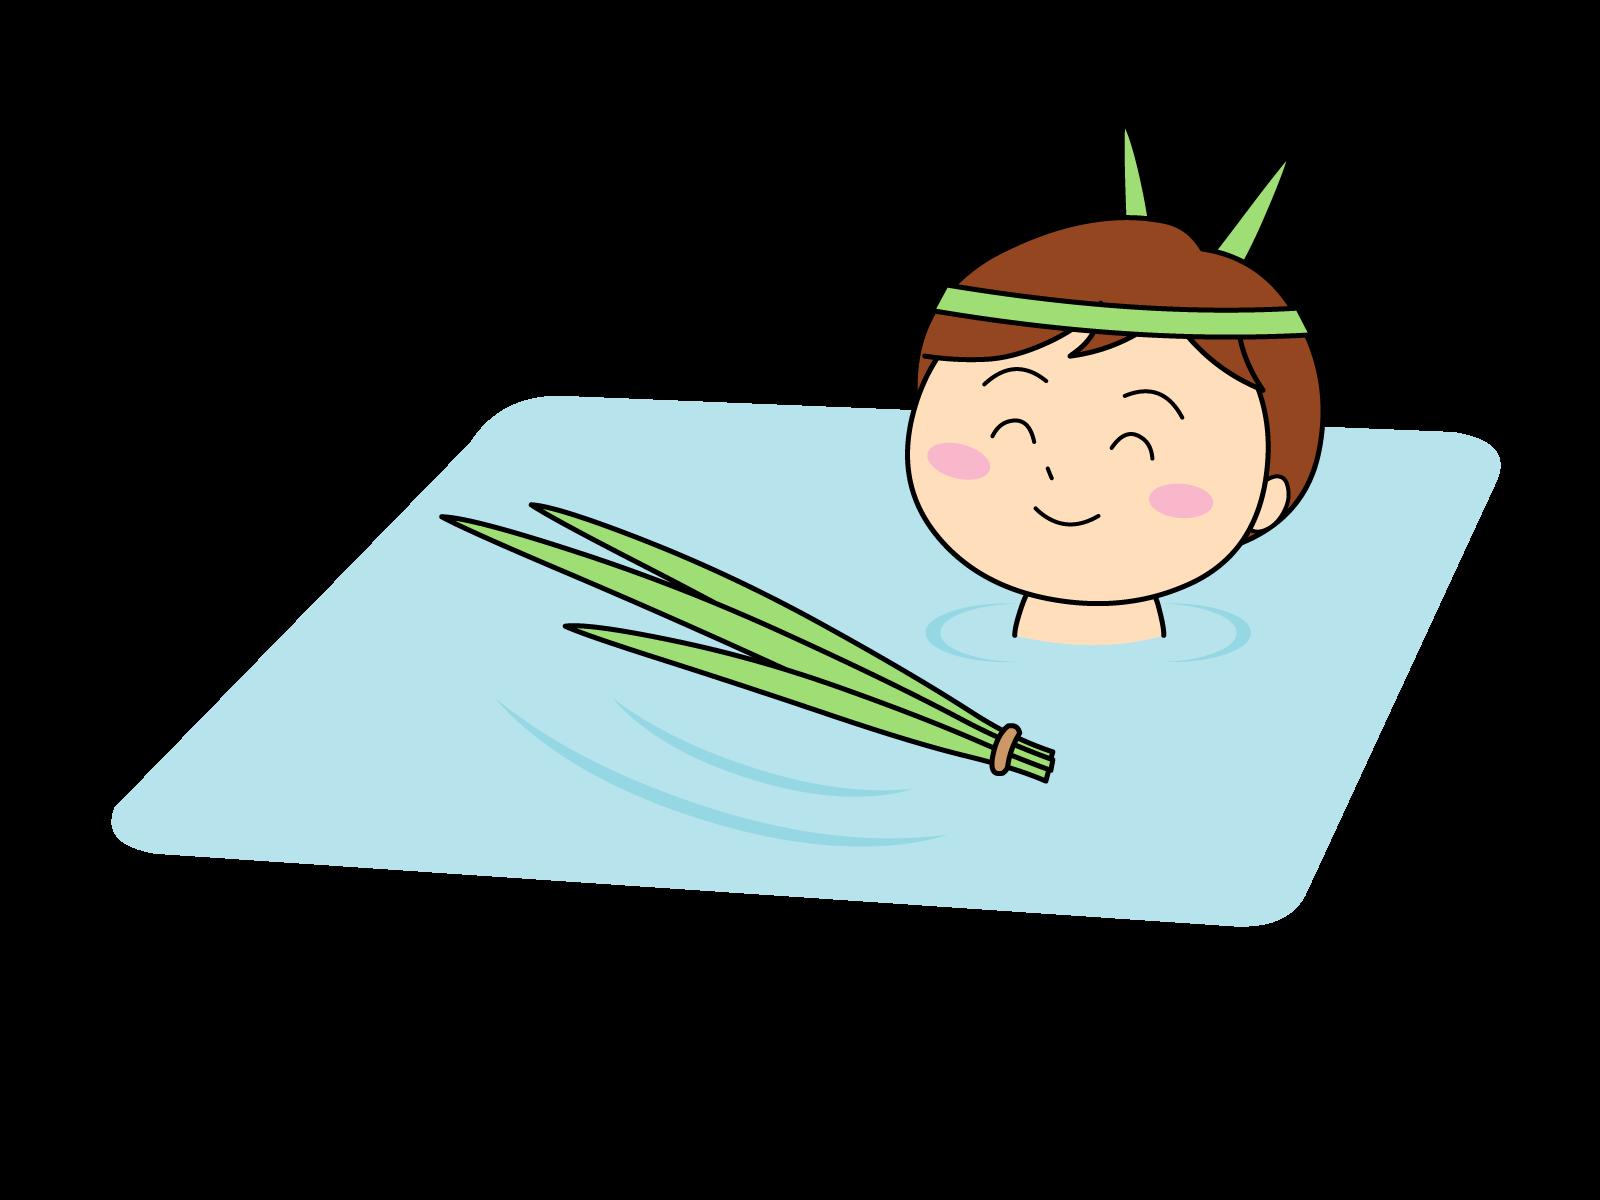 ... 菖蒲 を お 風呂 に 入れ 菖蒲湯